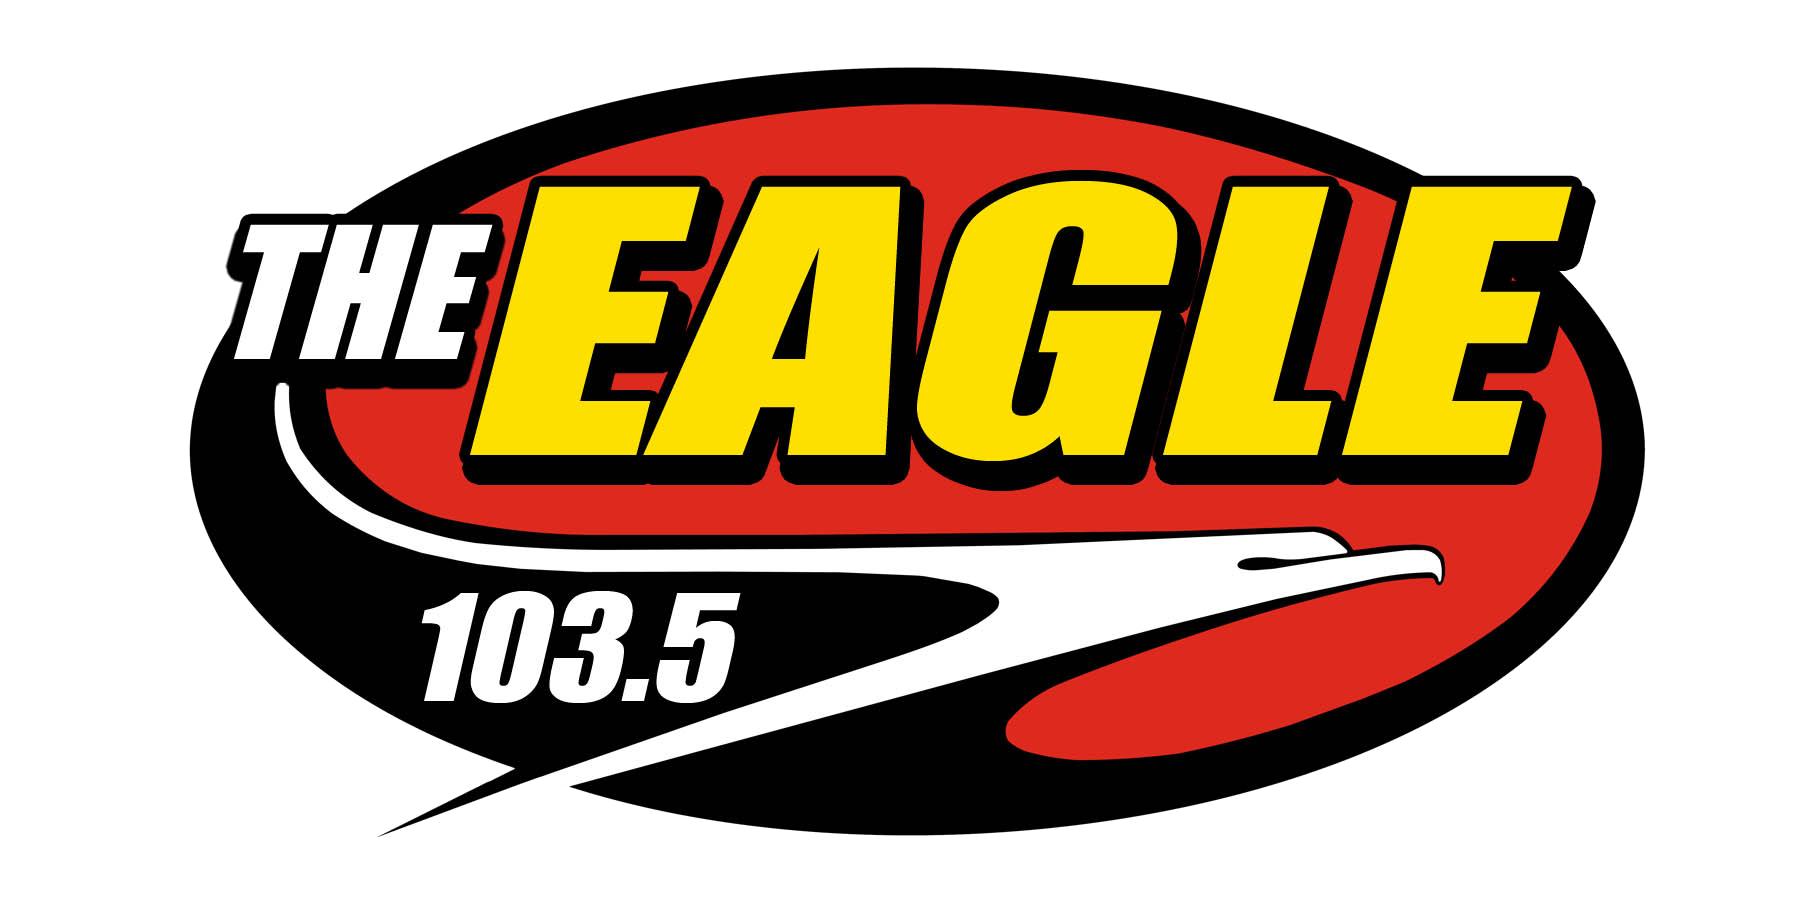 The Eagle 103.5